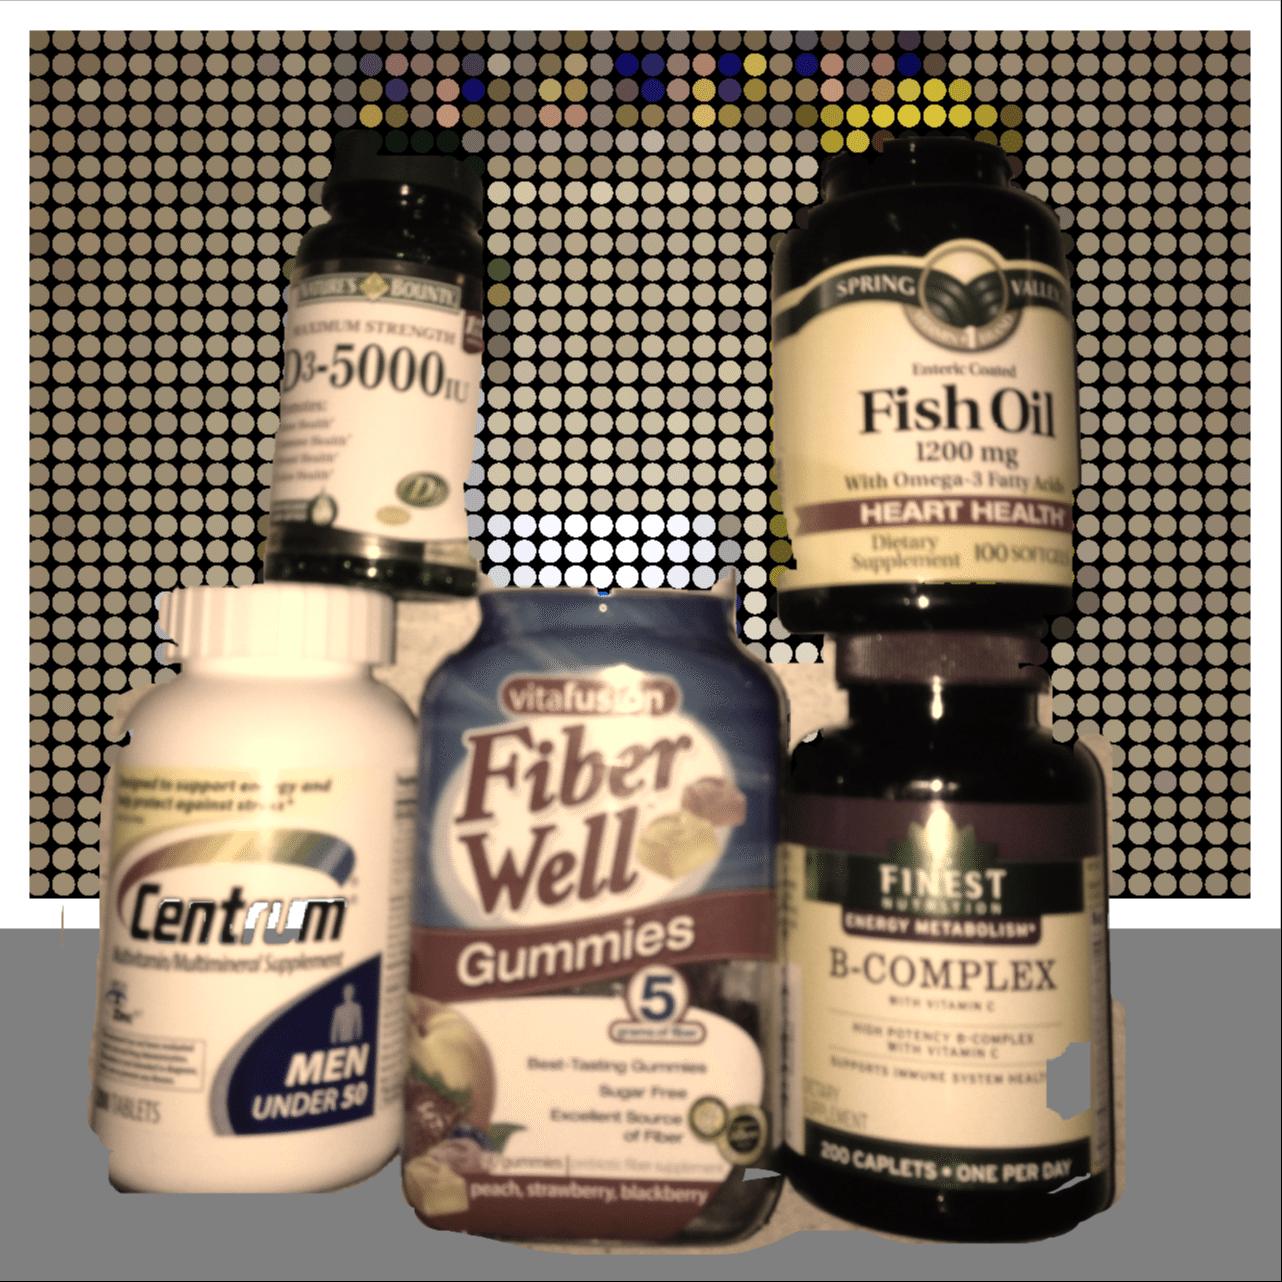 Josh's Daily Vitamins